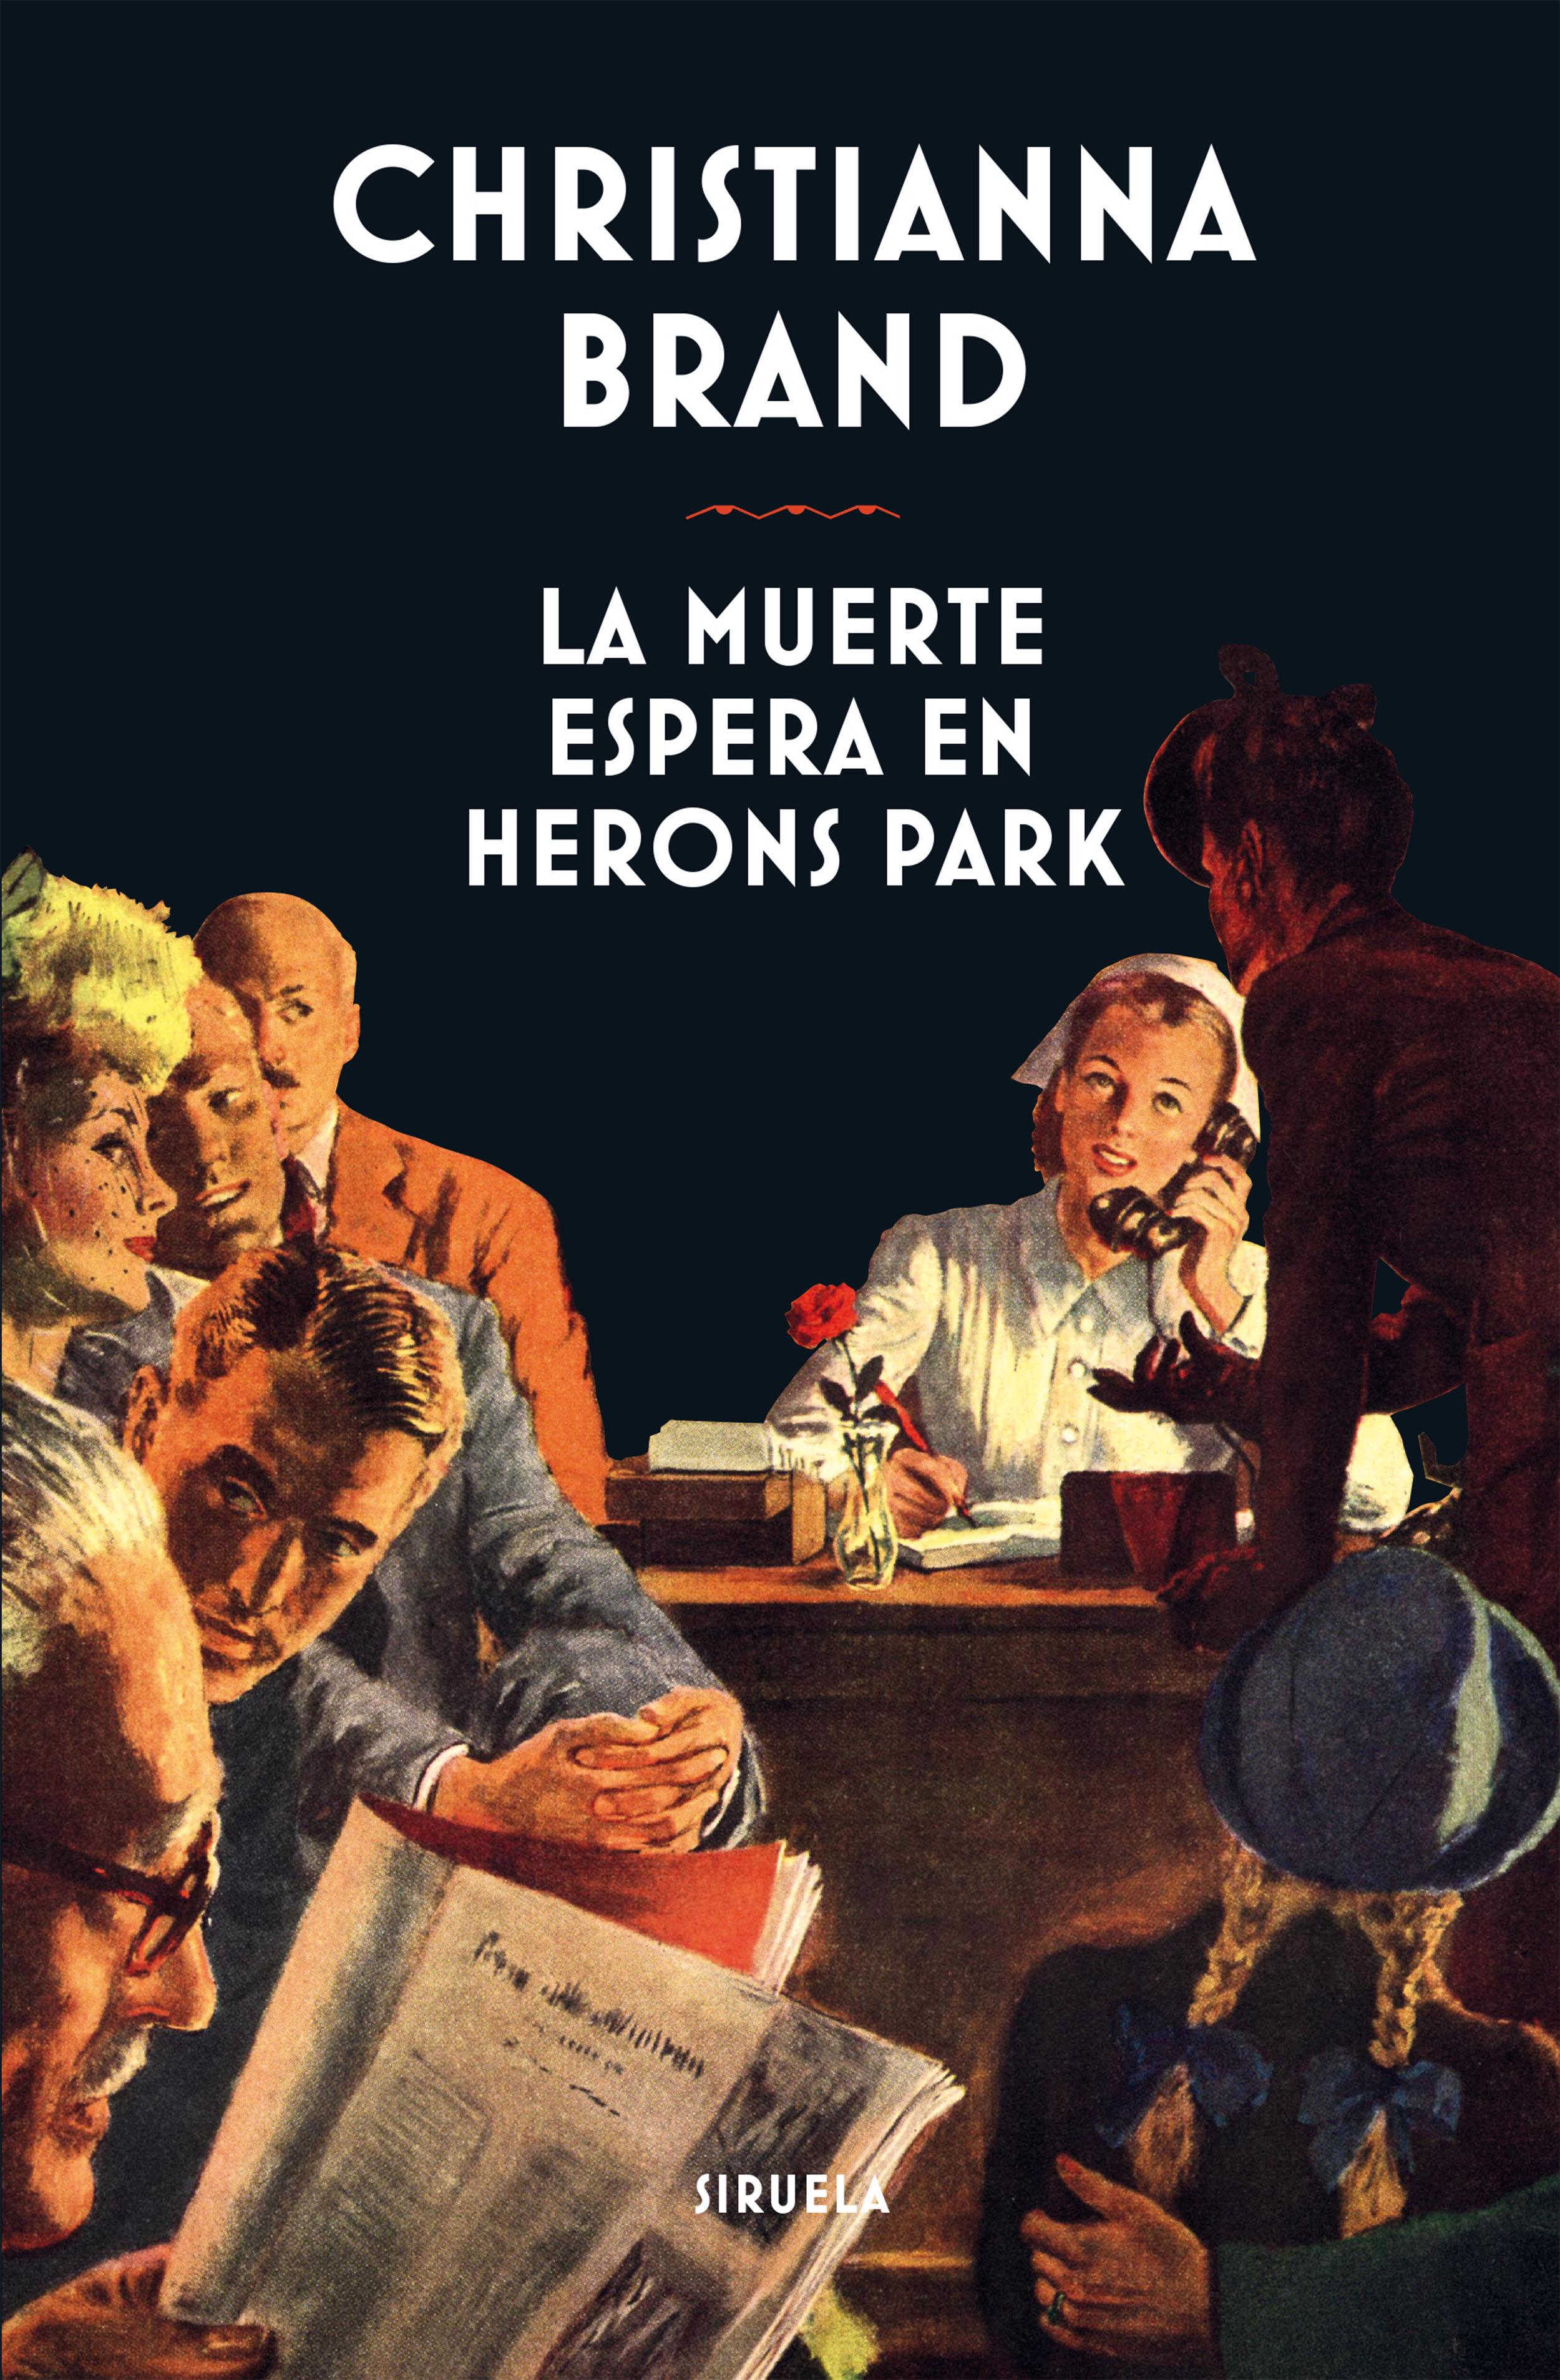 MUERTE ESPERA EN HERONS PARK LA